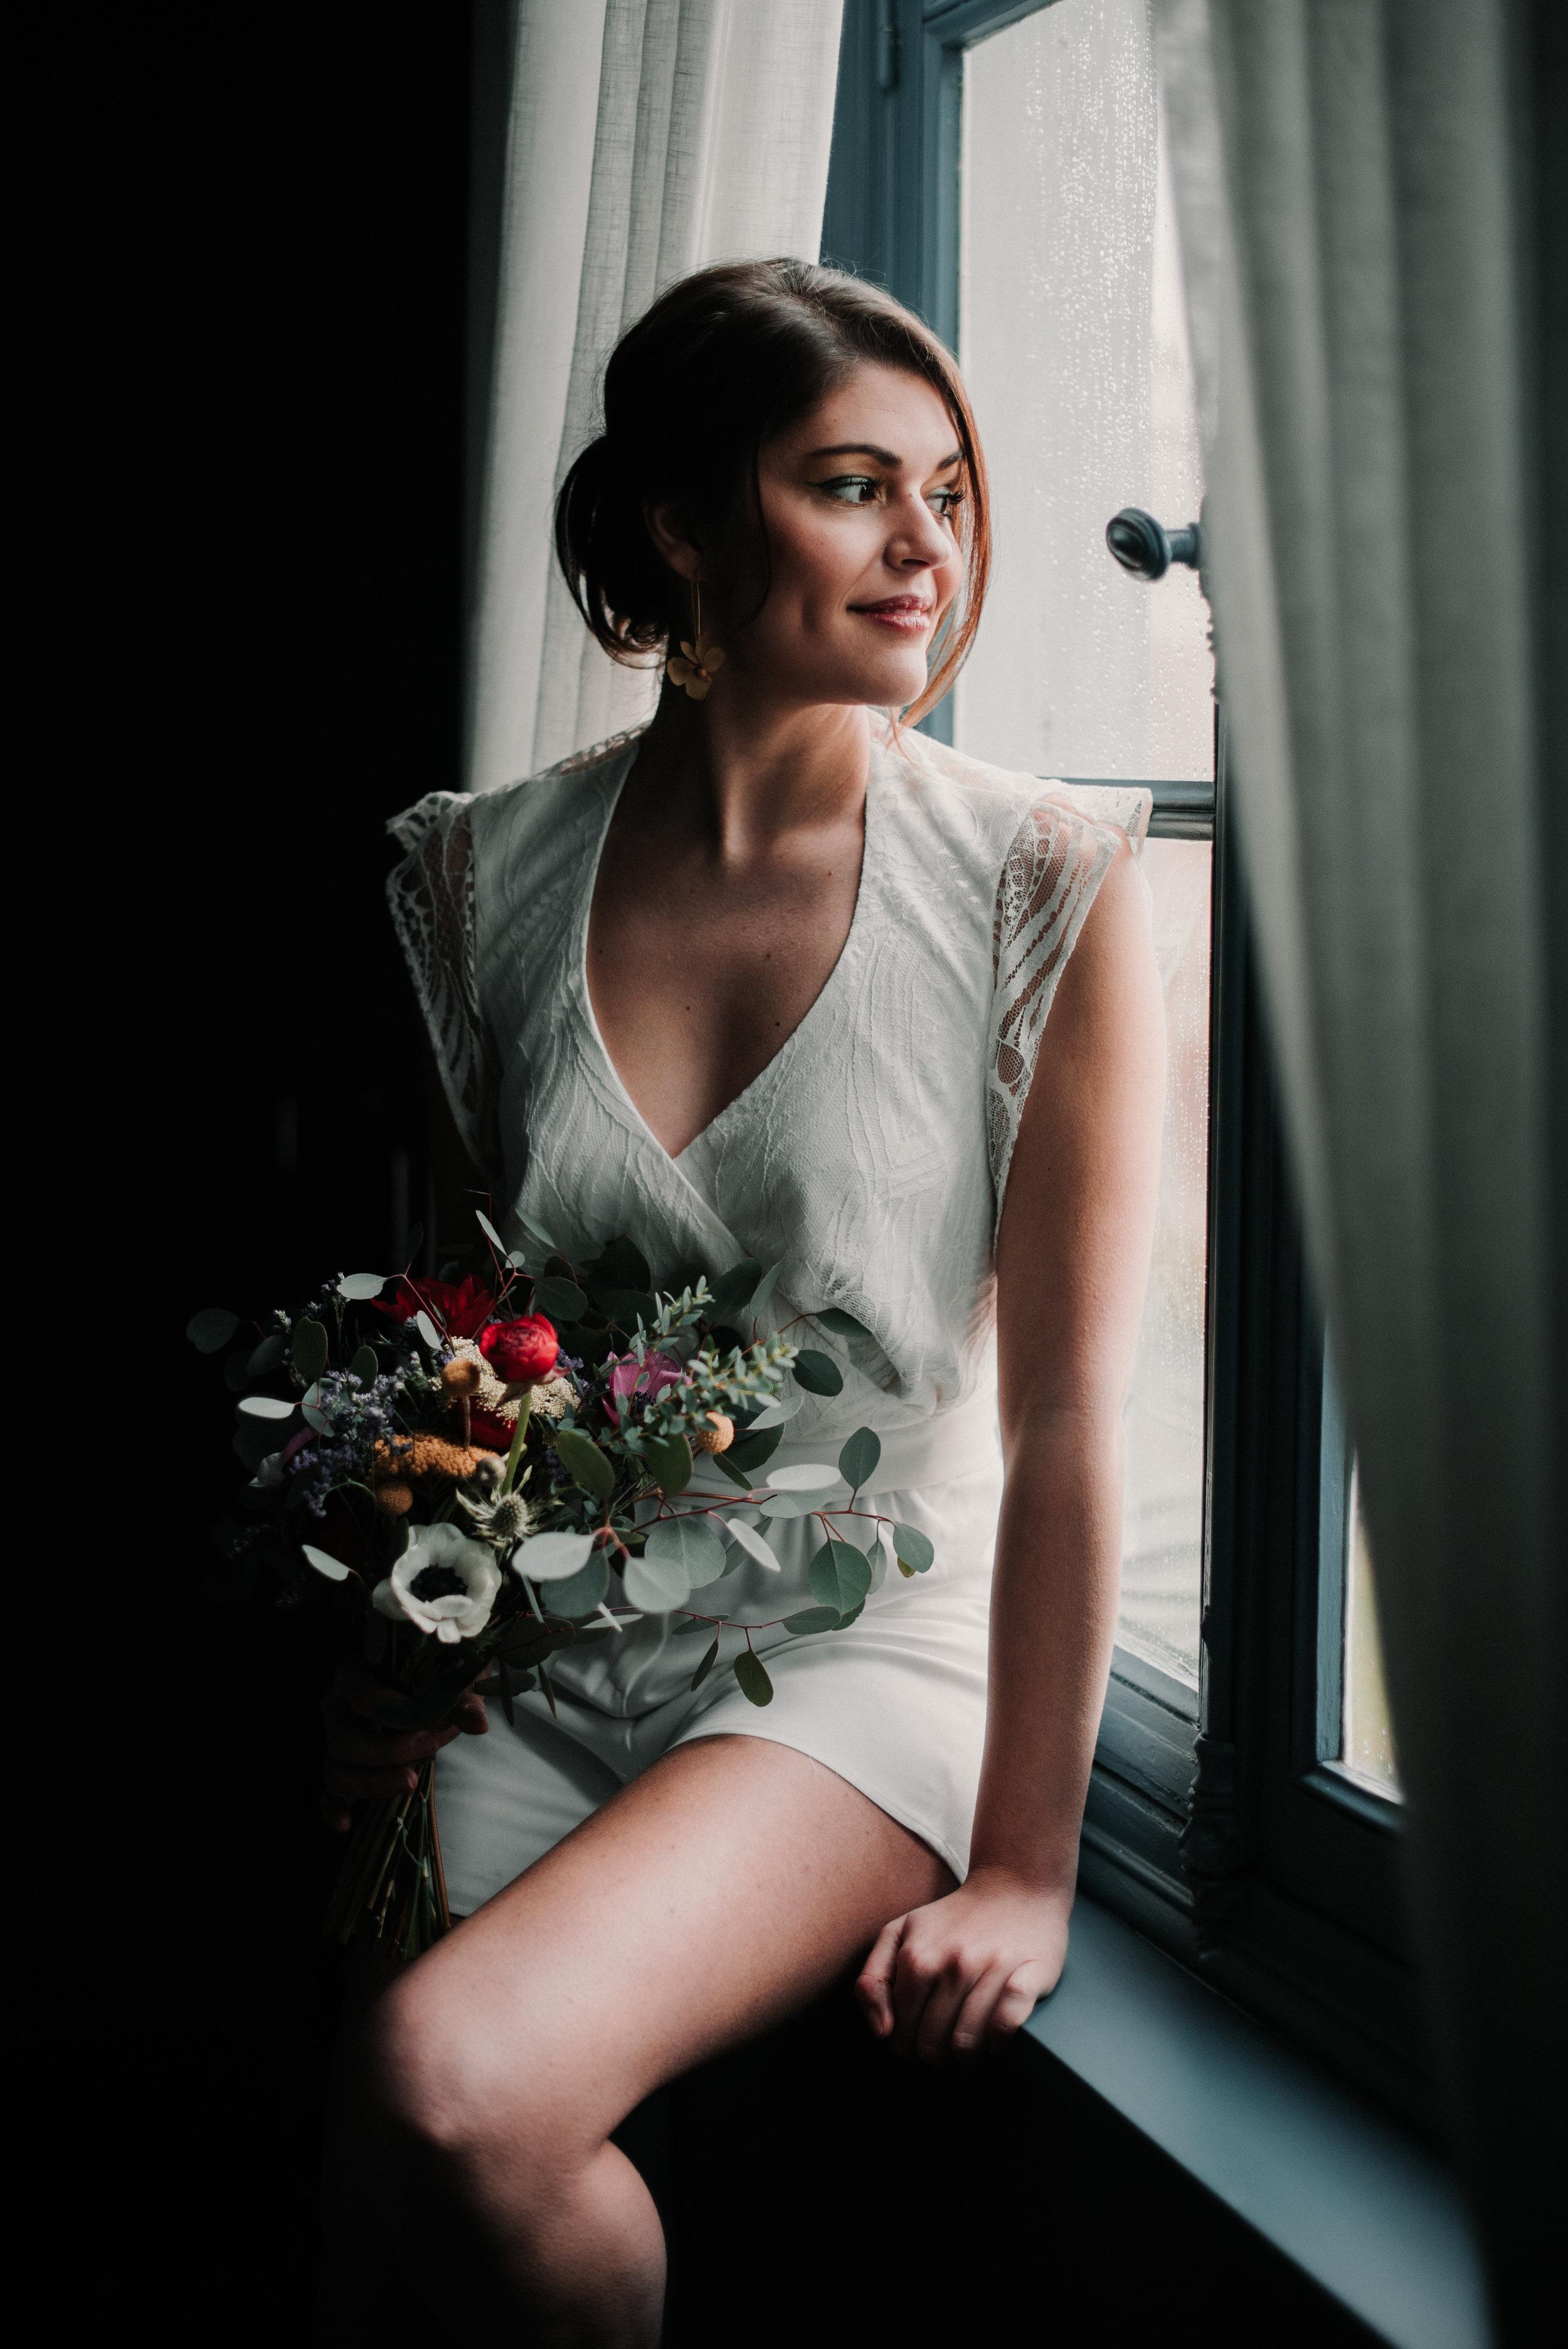 Léa-Fery-photographe-professionnel-lyon-rhone-alpes-portrait-creation-mariage-evenement-evenementiel-famille-3584.jpg